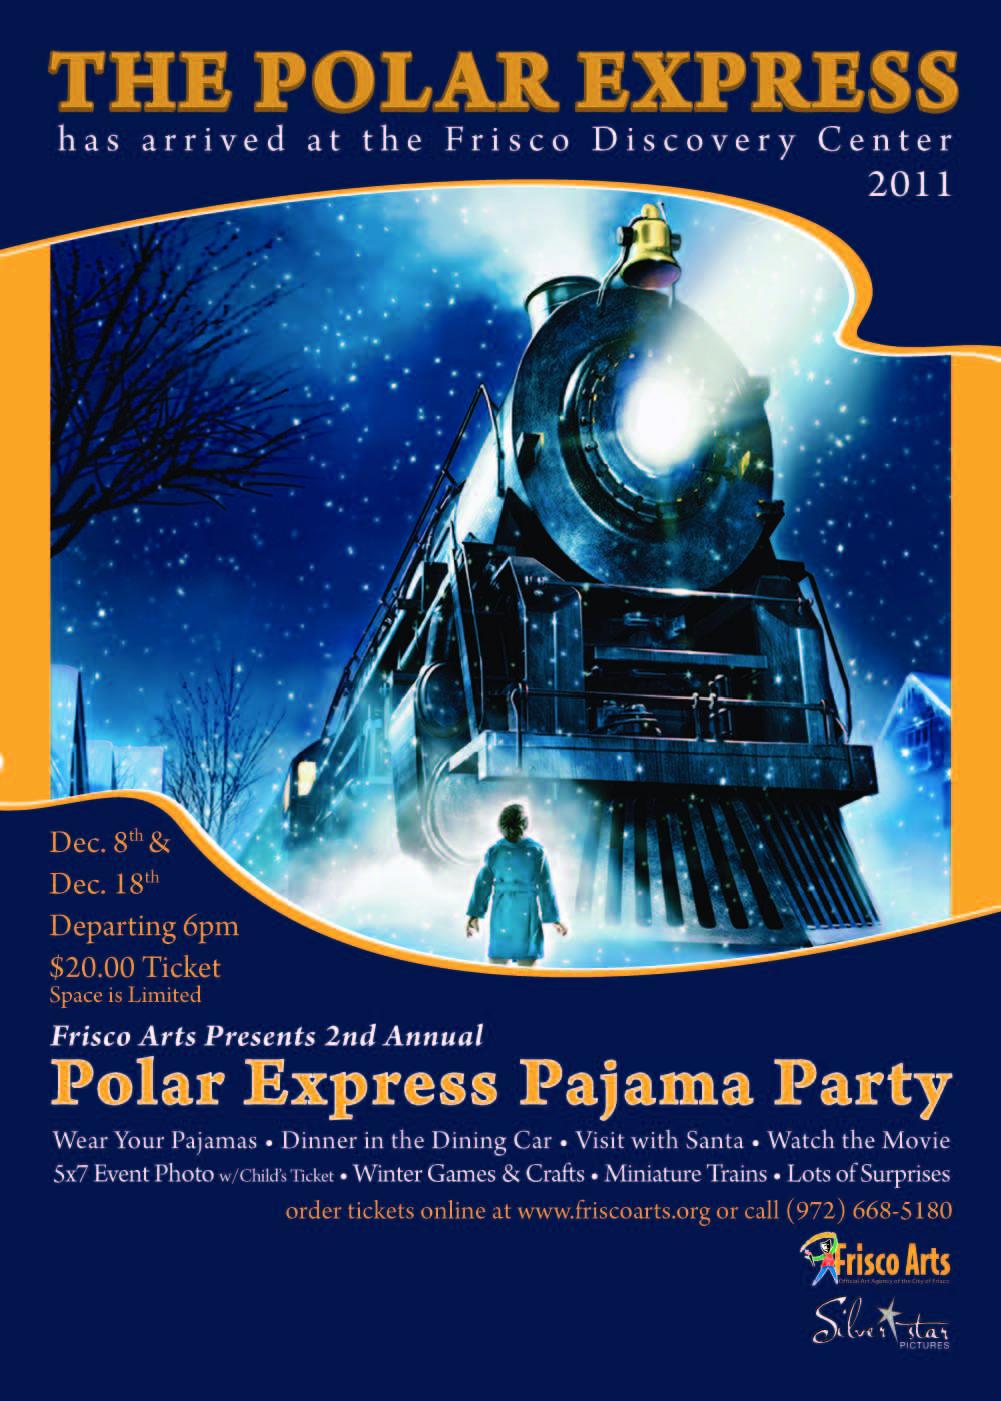 Polar Express Party Invitations